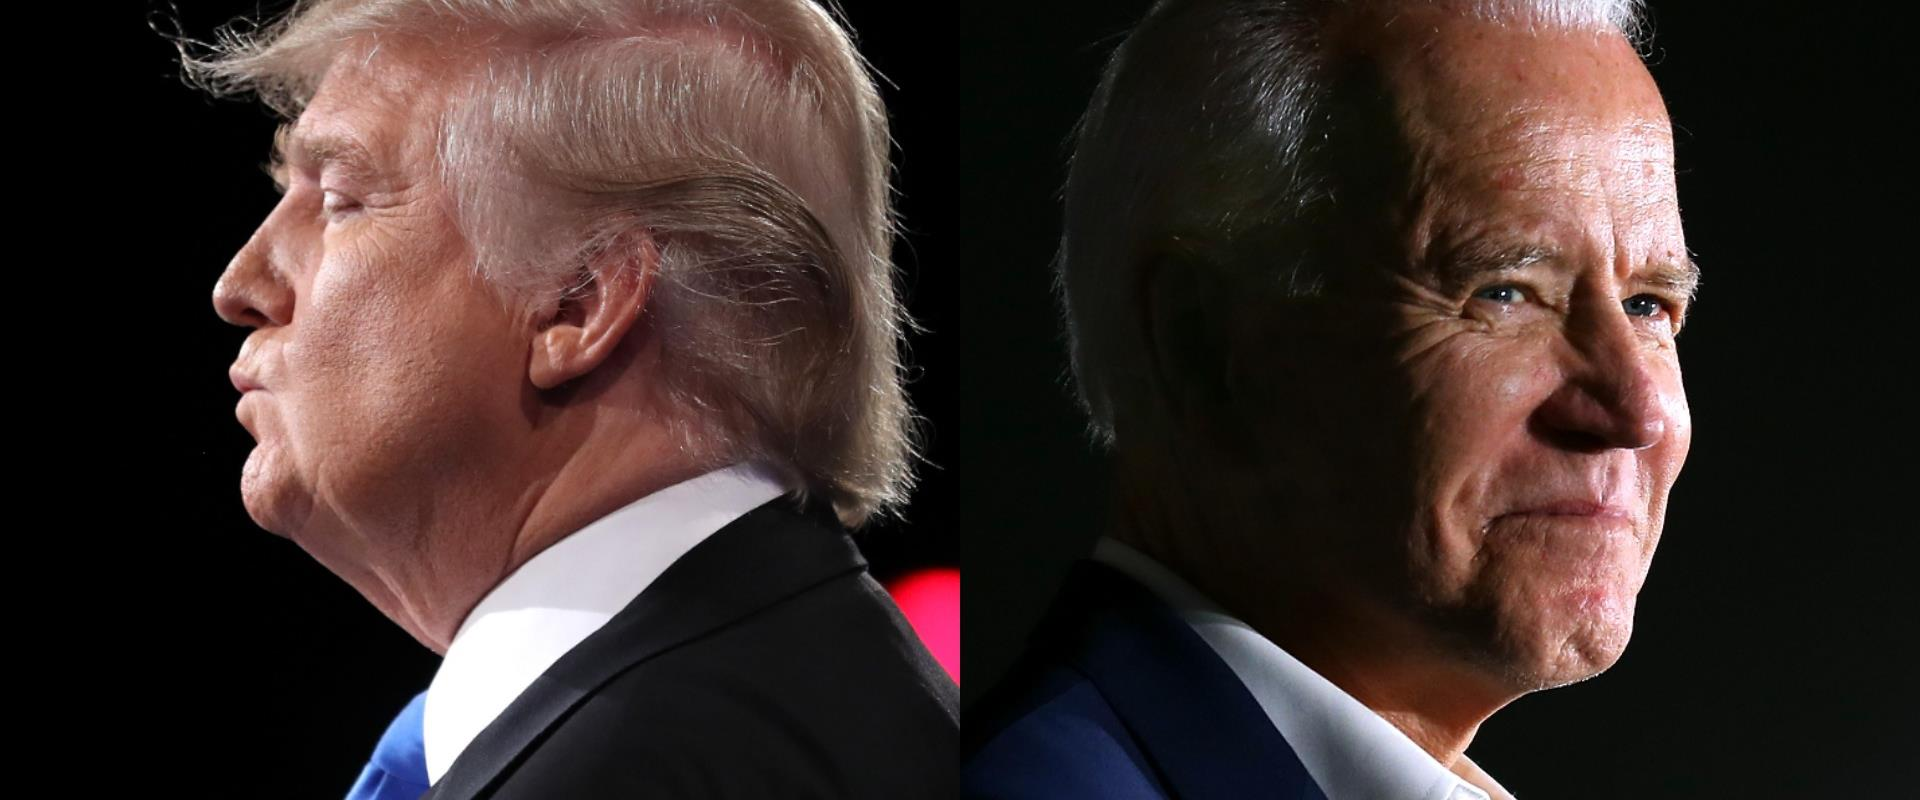 ג'ו ביידן, דונלד טראמפ, ארכיון